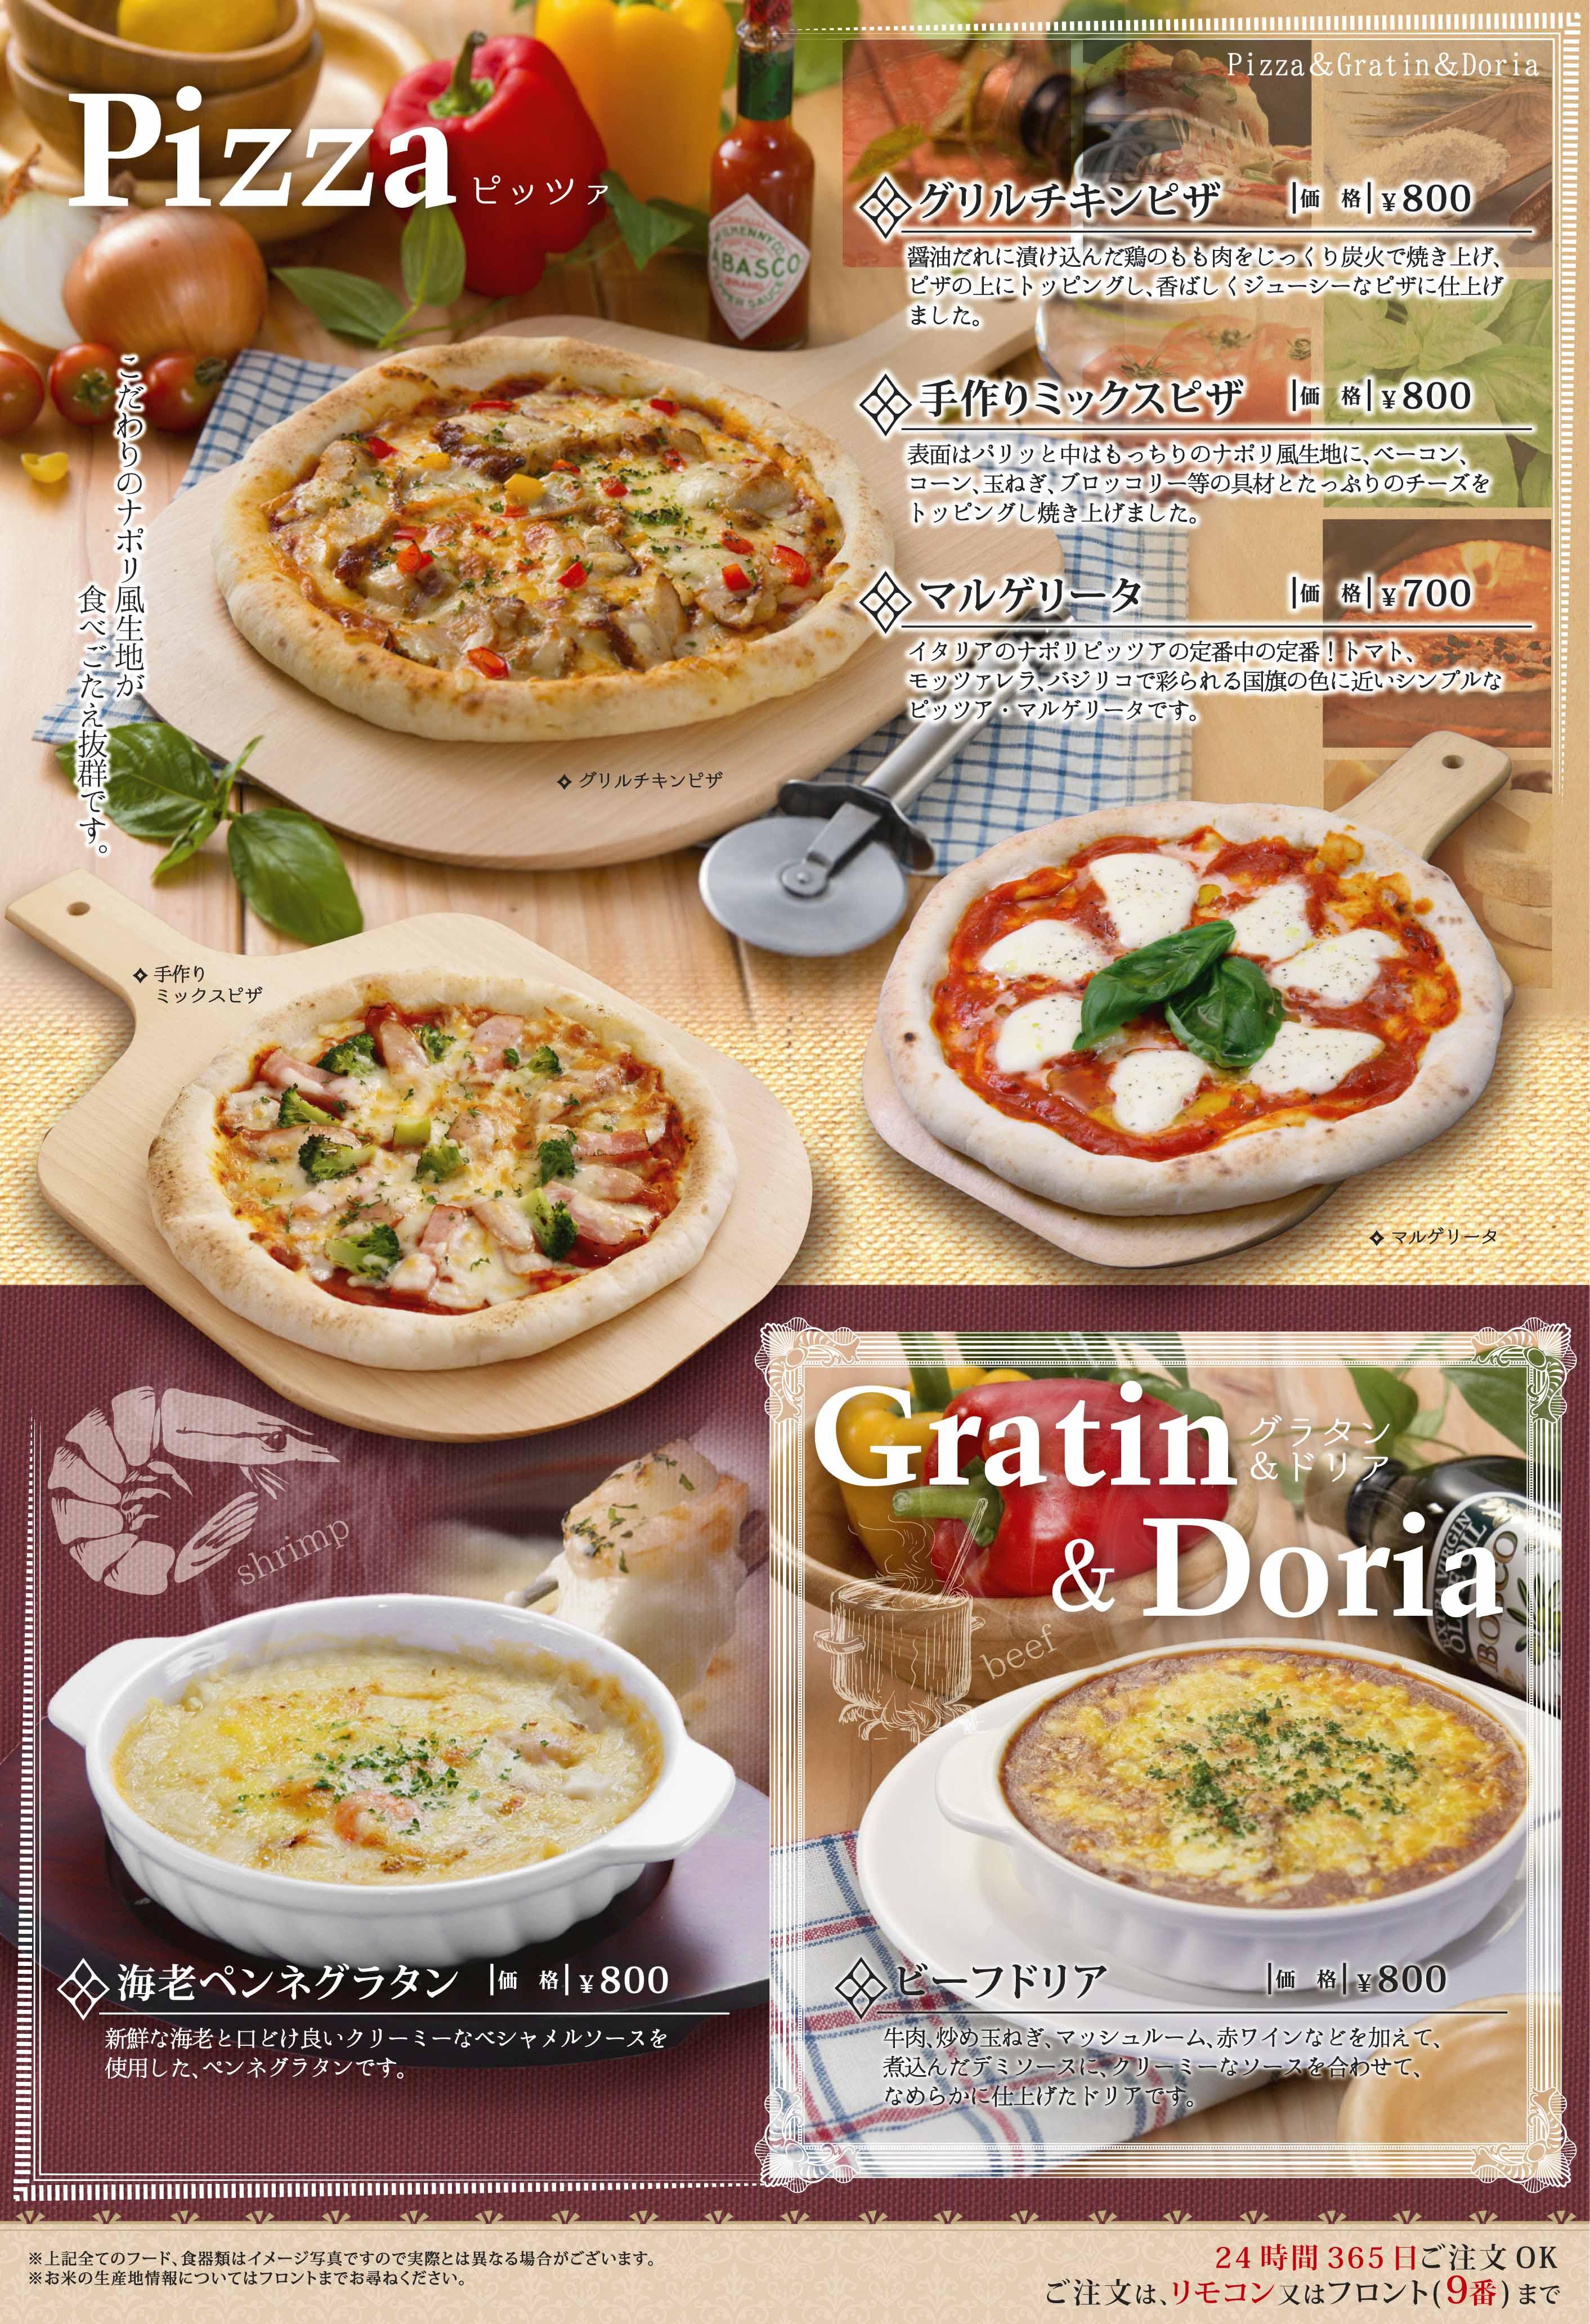 ピザ/グラタン